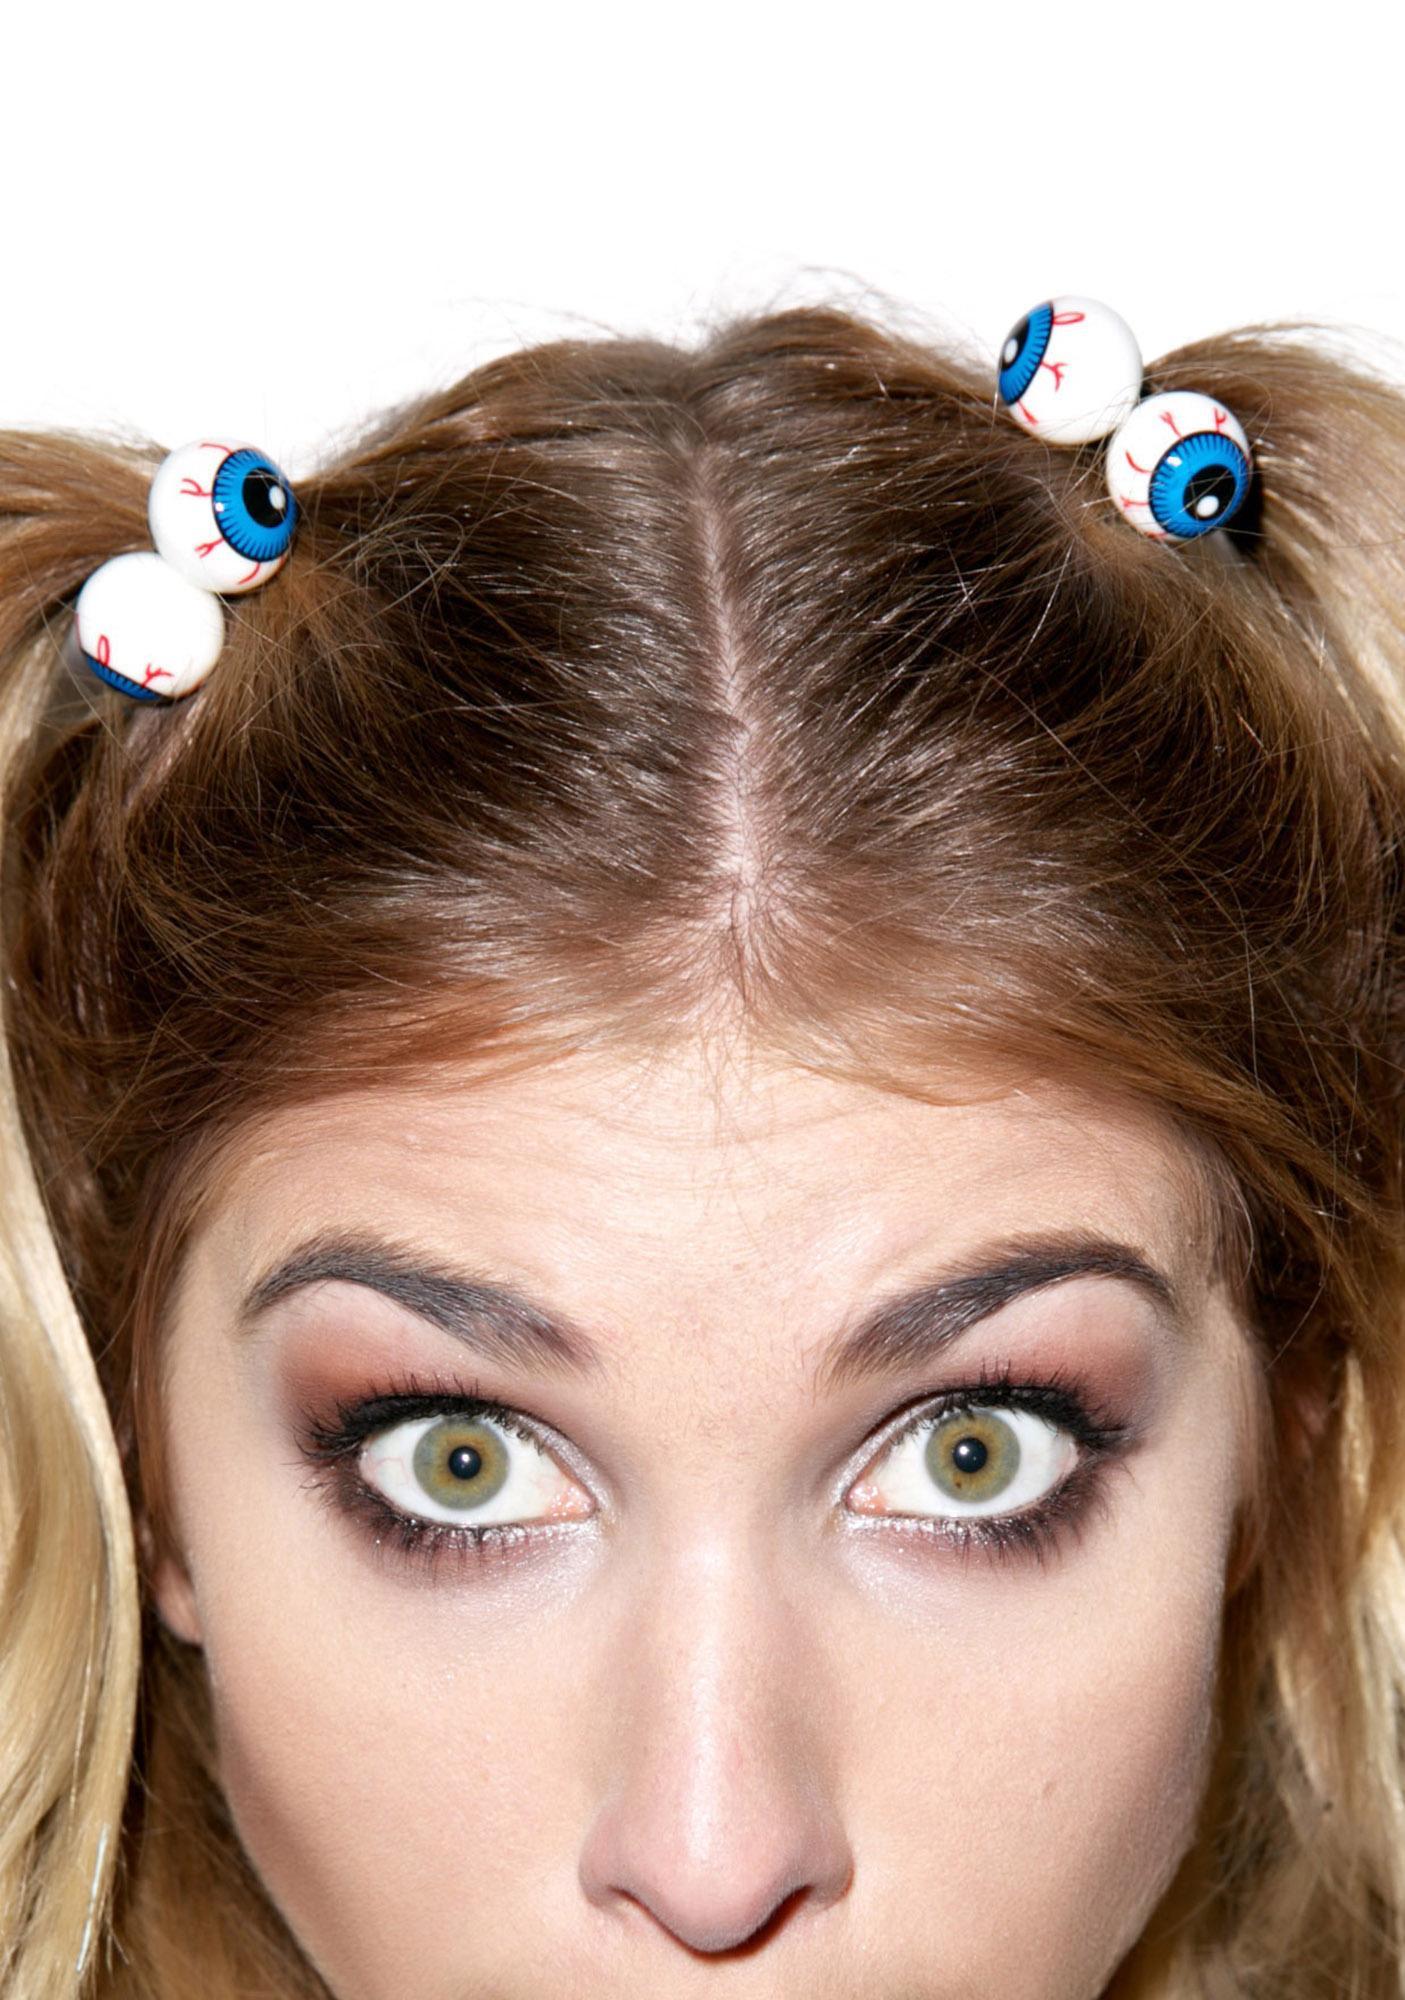 Eyein' U Up Hair Ties